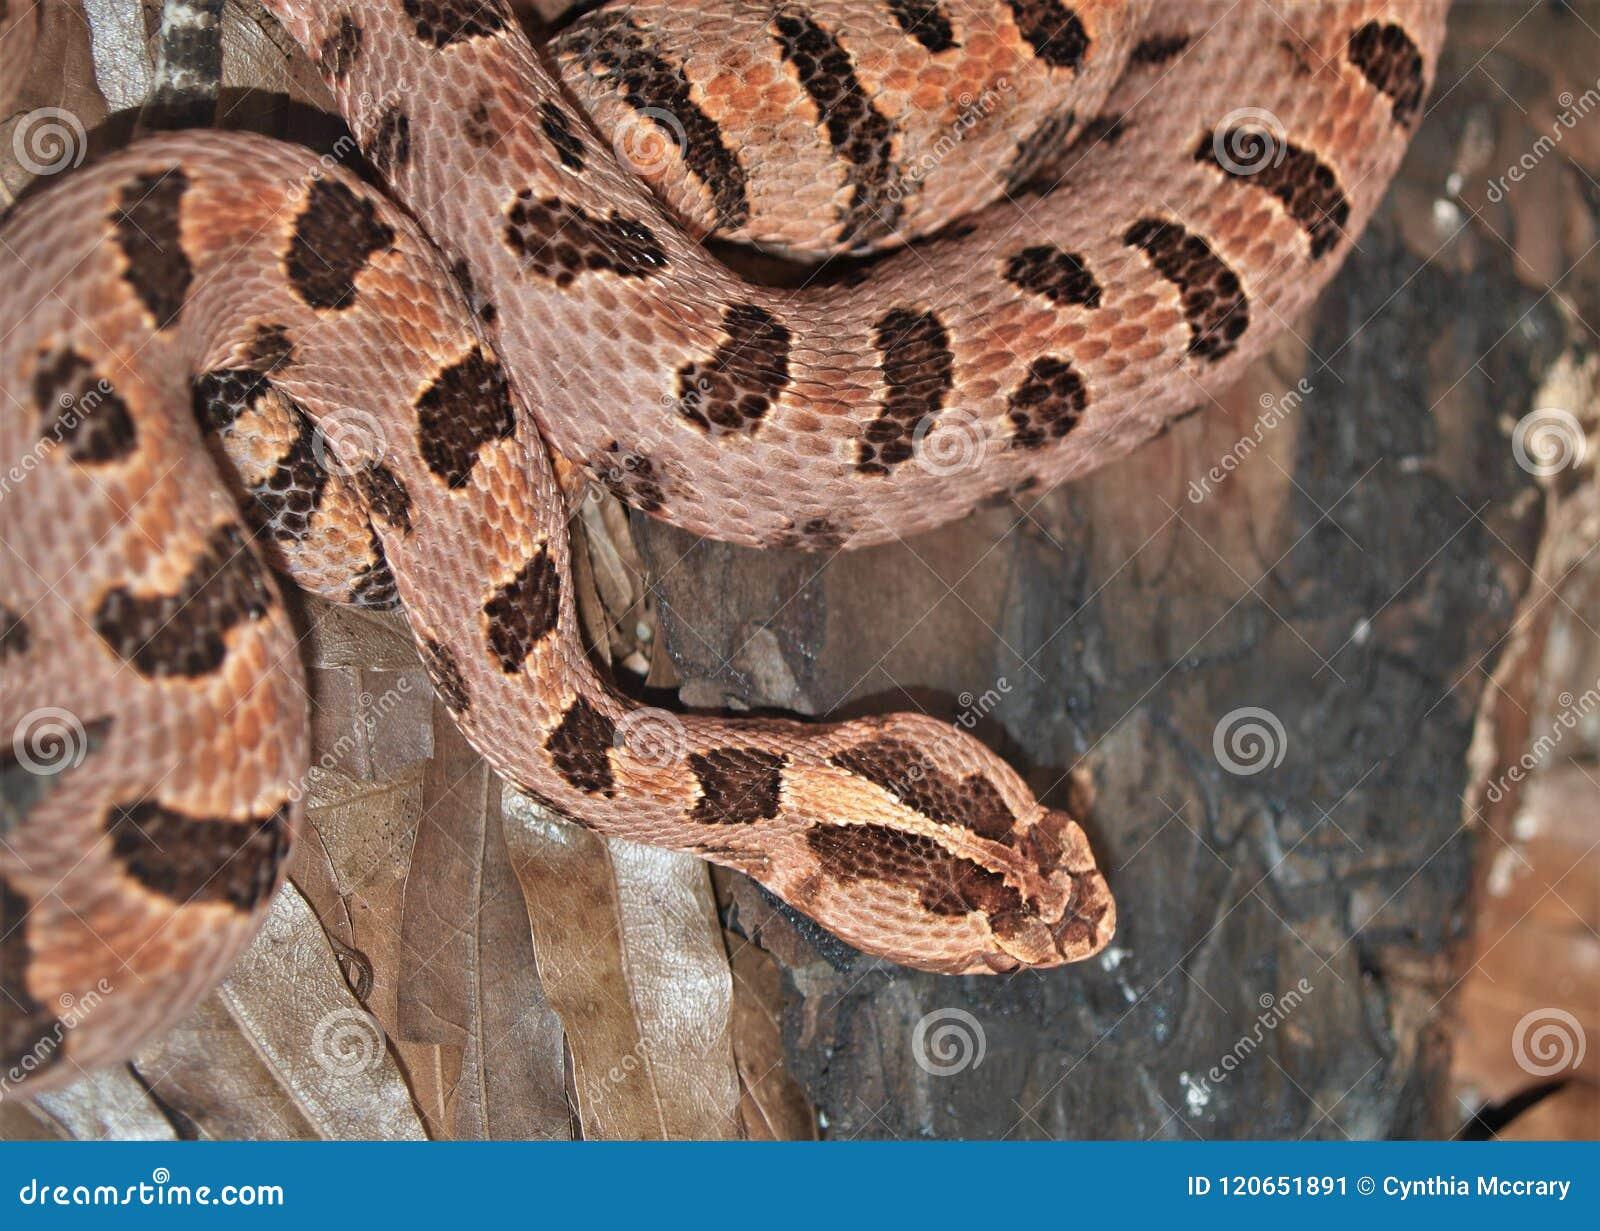 Sistrurus enano Miliarius de la serpiente de cascabel